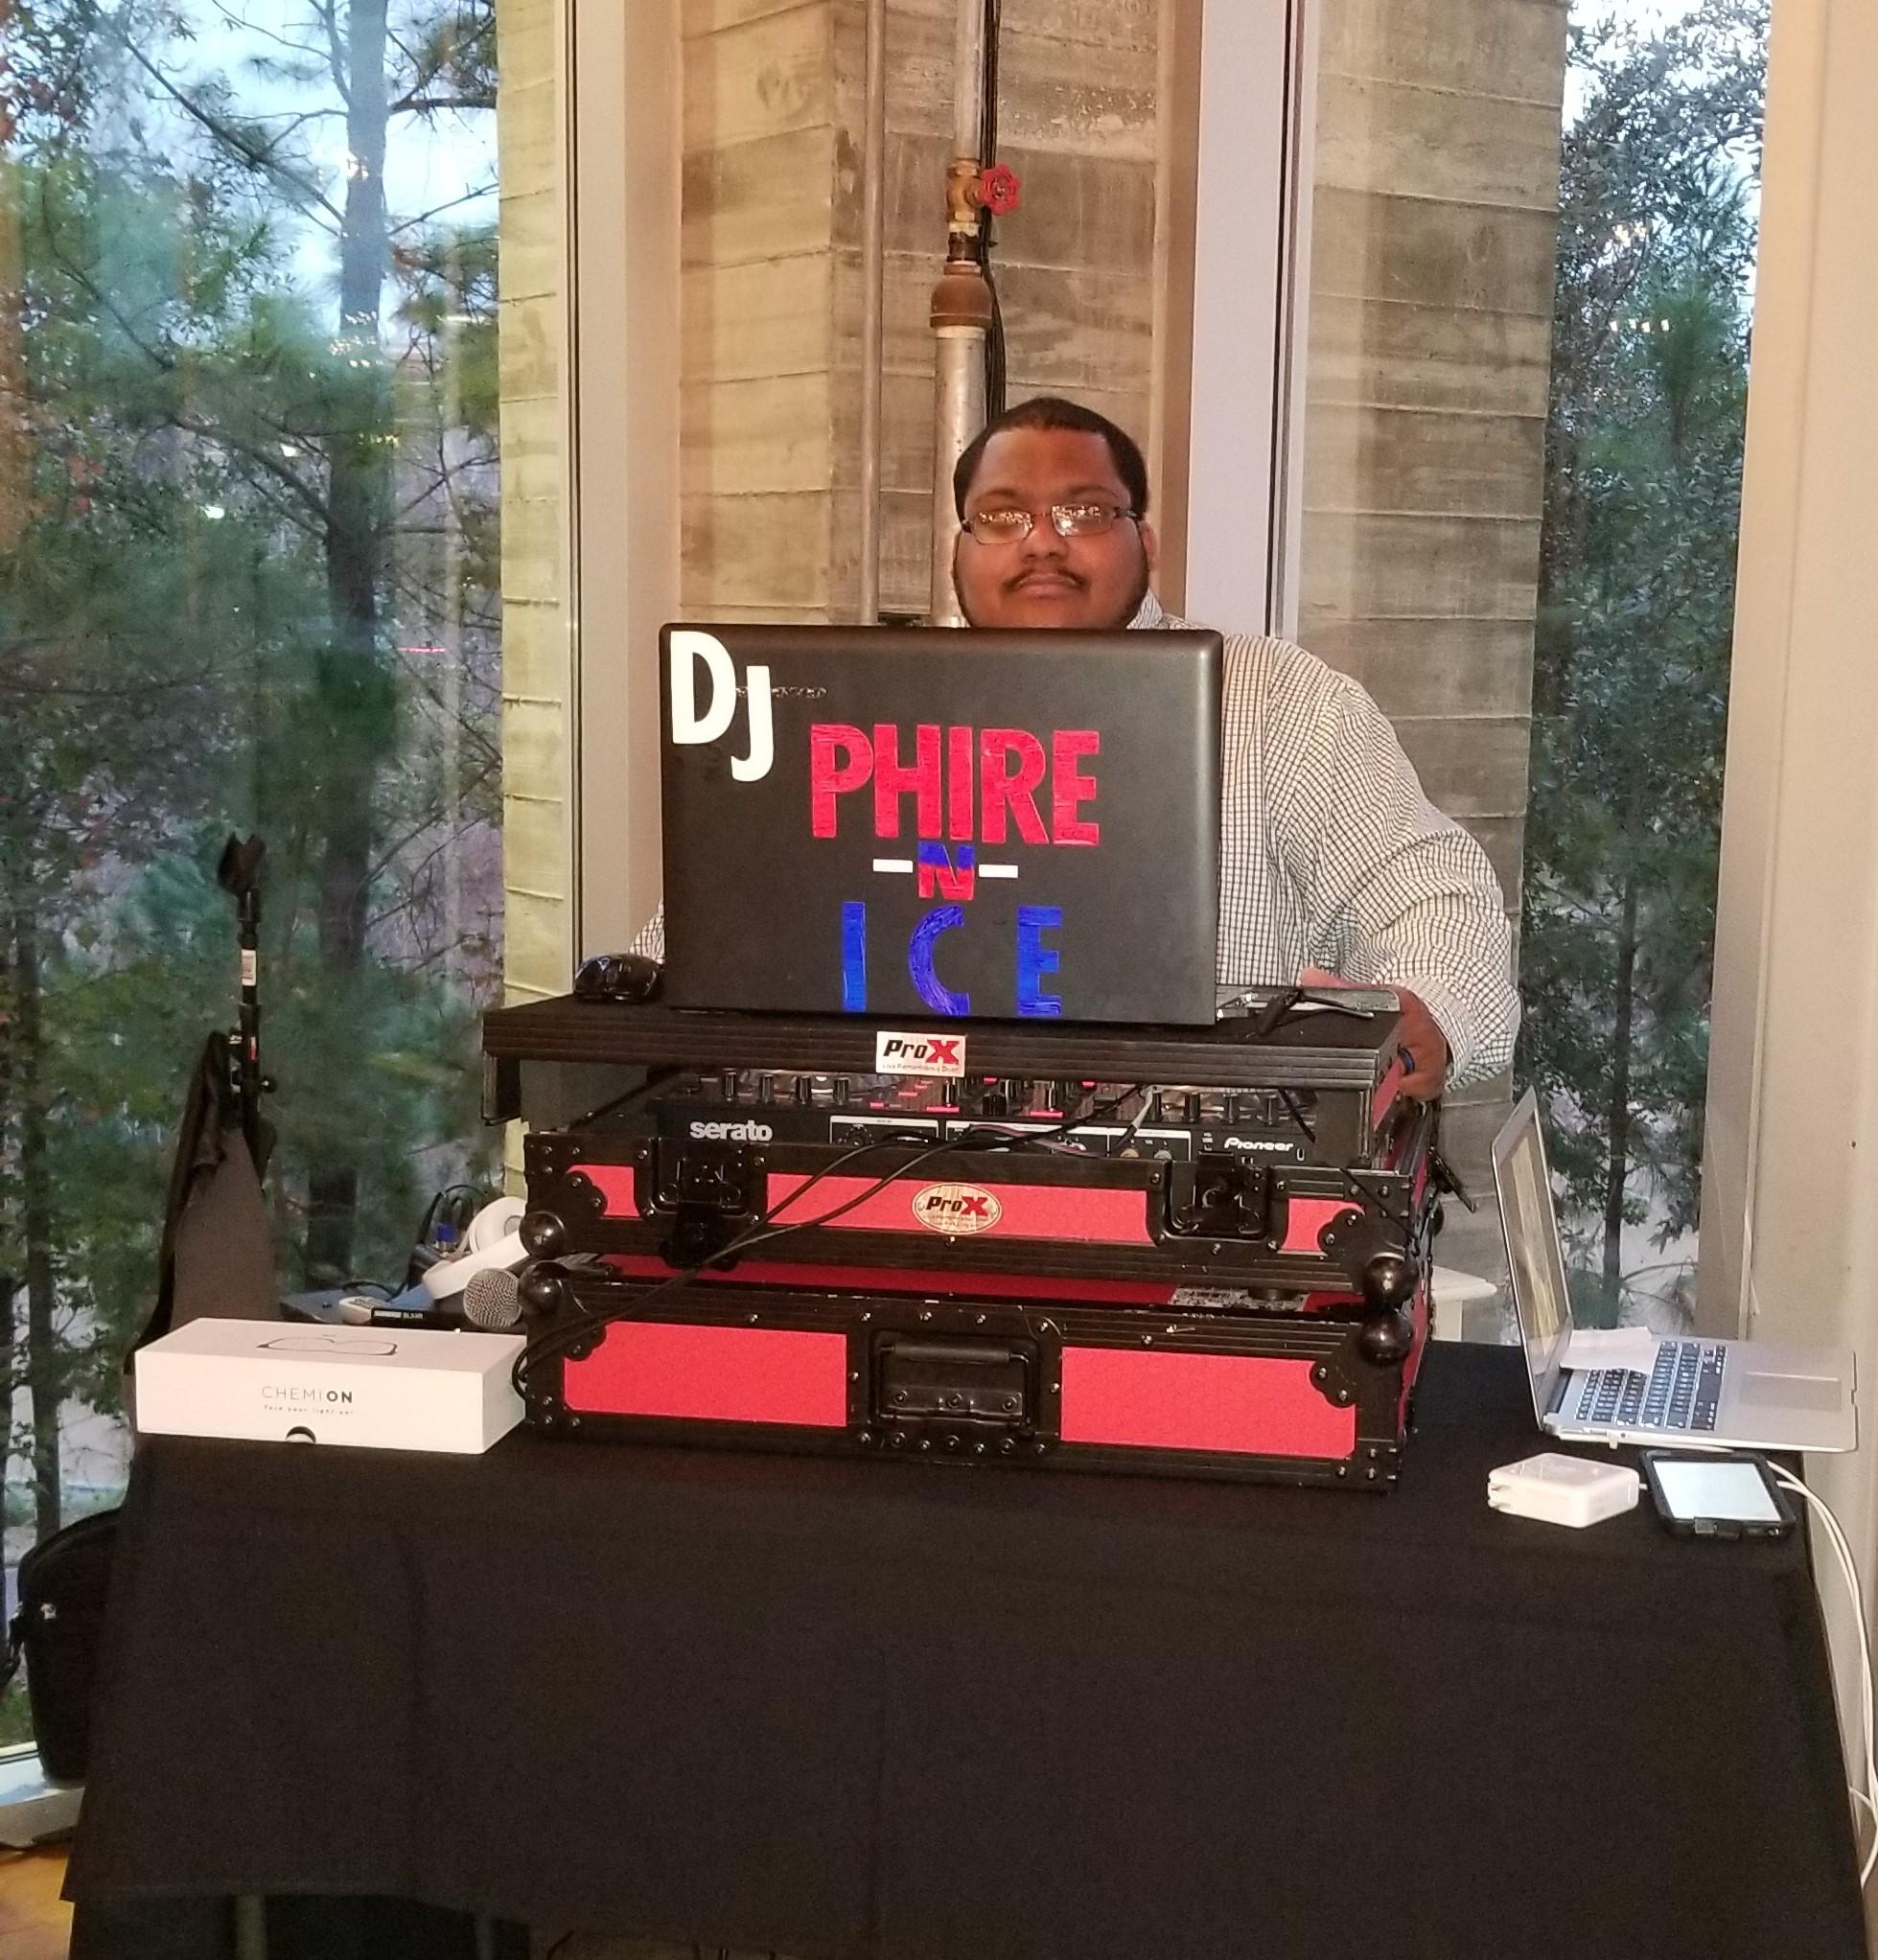 DJ Phire & Ice